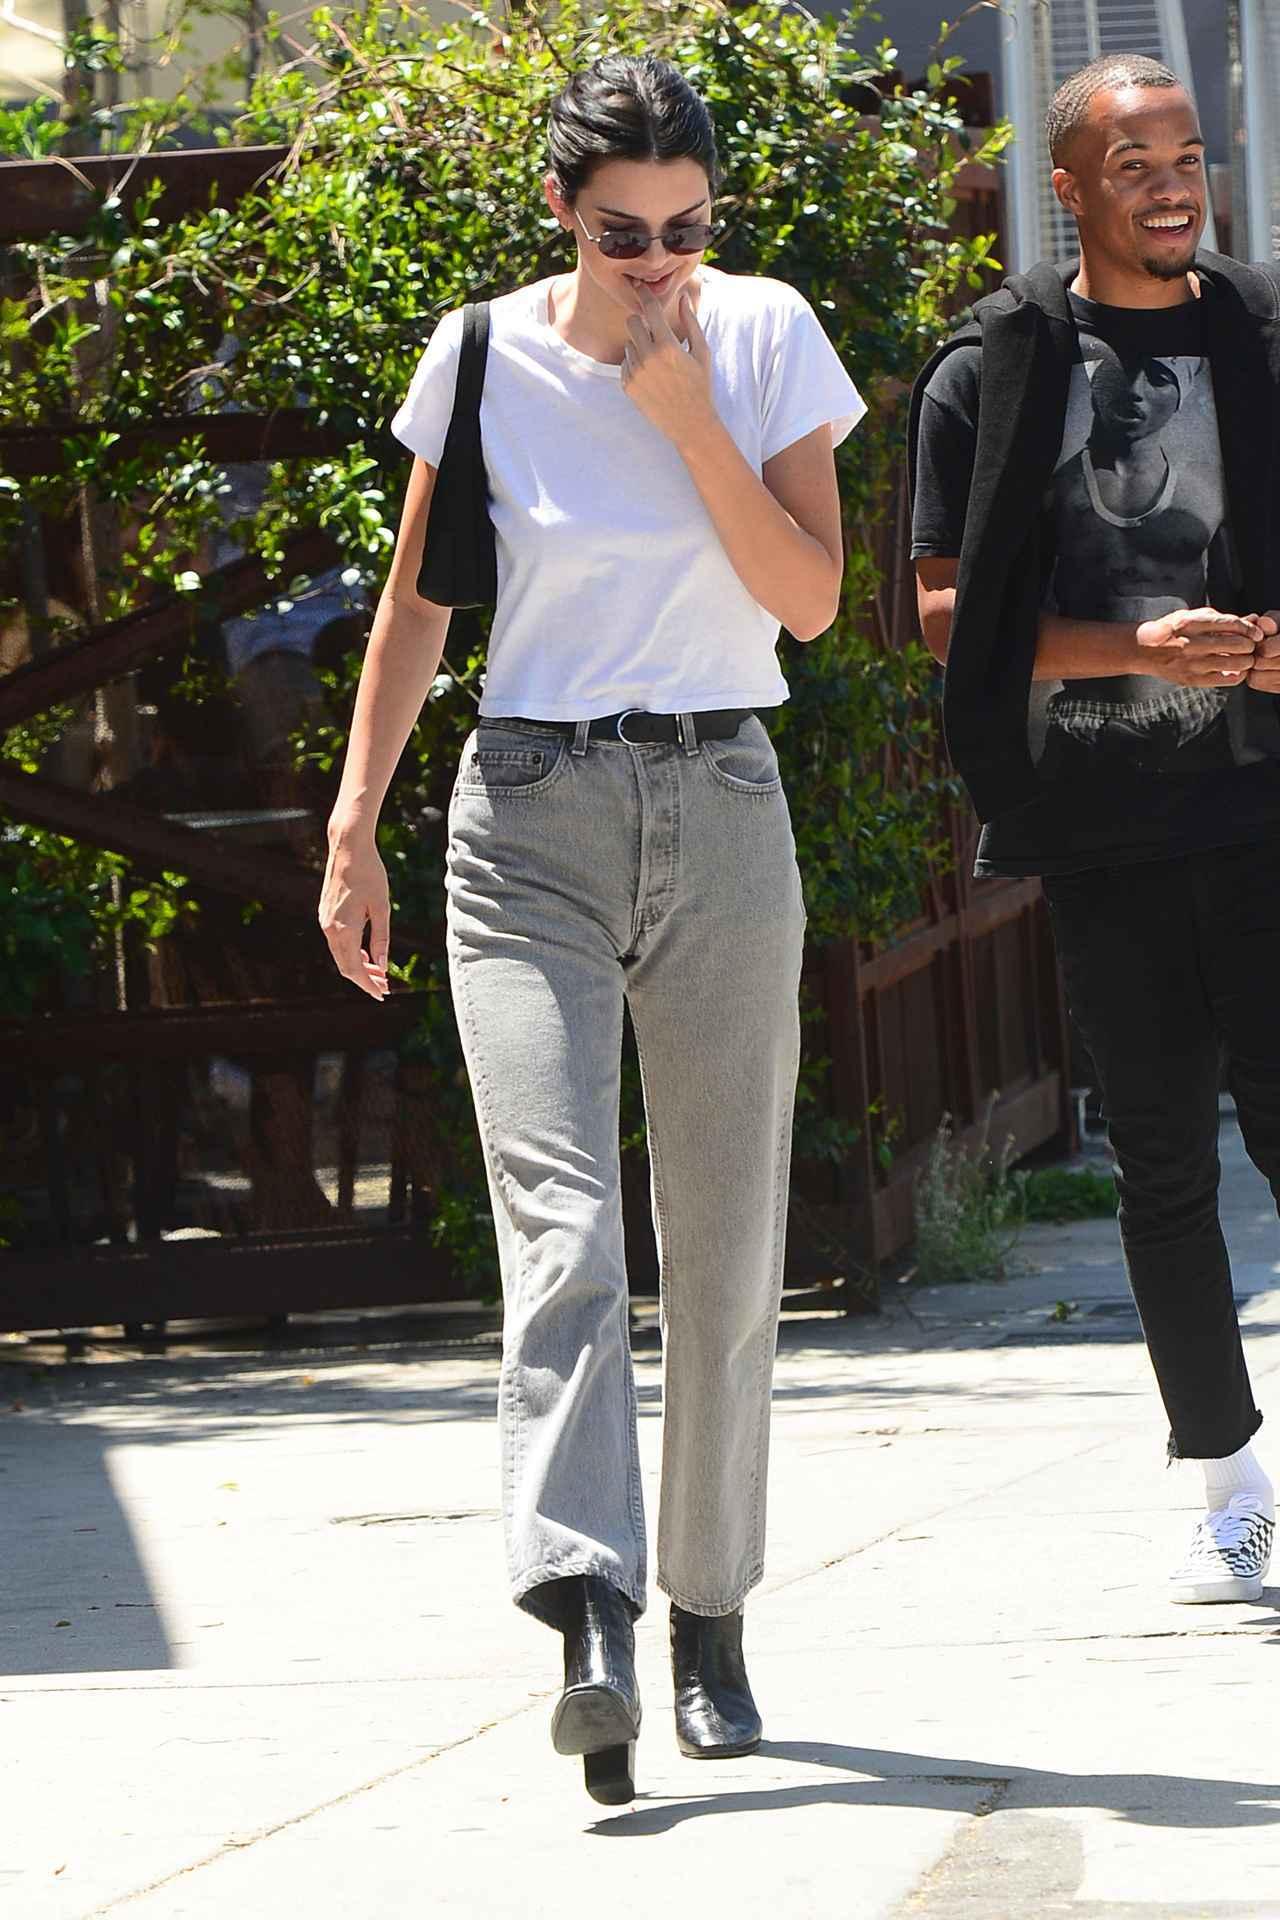 画像: ケンダル・ジェンナー流、白Tシャツのクールな着こなし方